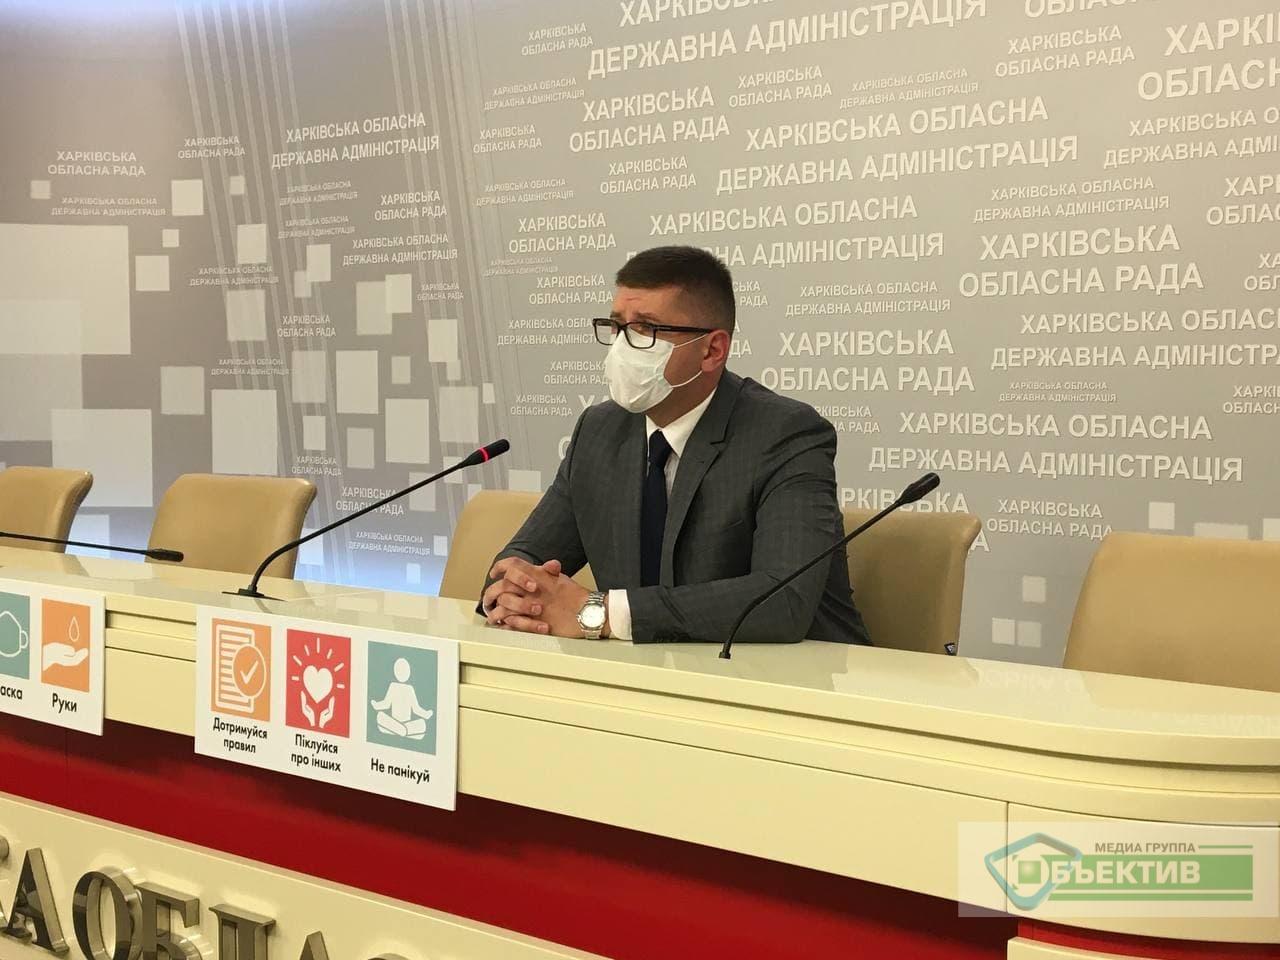 Харьковские агрономы прогнозируют высокий урожай озимых и яровых